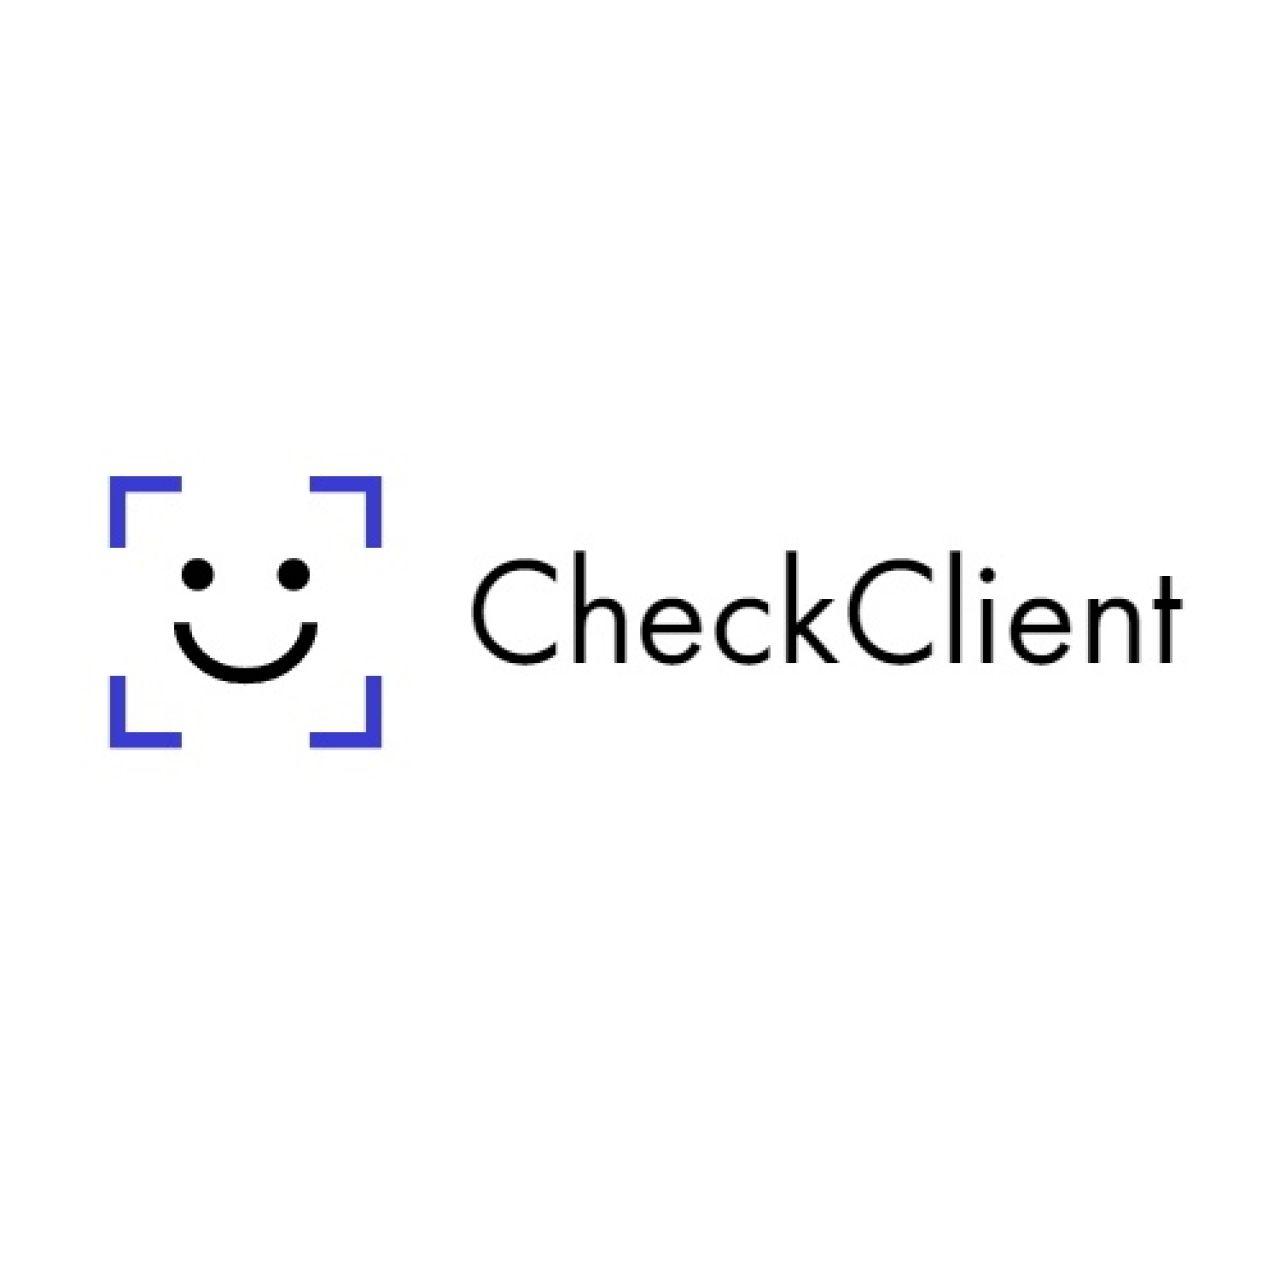 CheckClient - проверка покупателя по номеру телефона из категории Админка для CMS OpenCart (ОпенКарт)